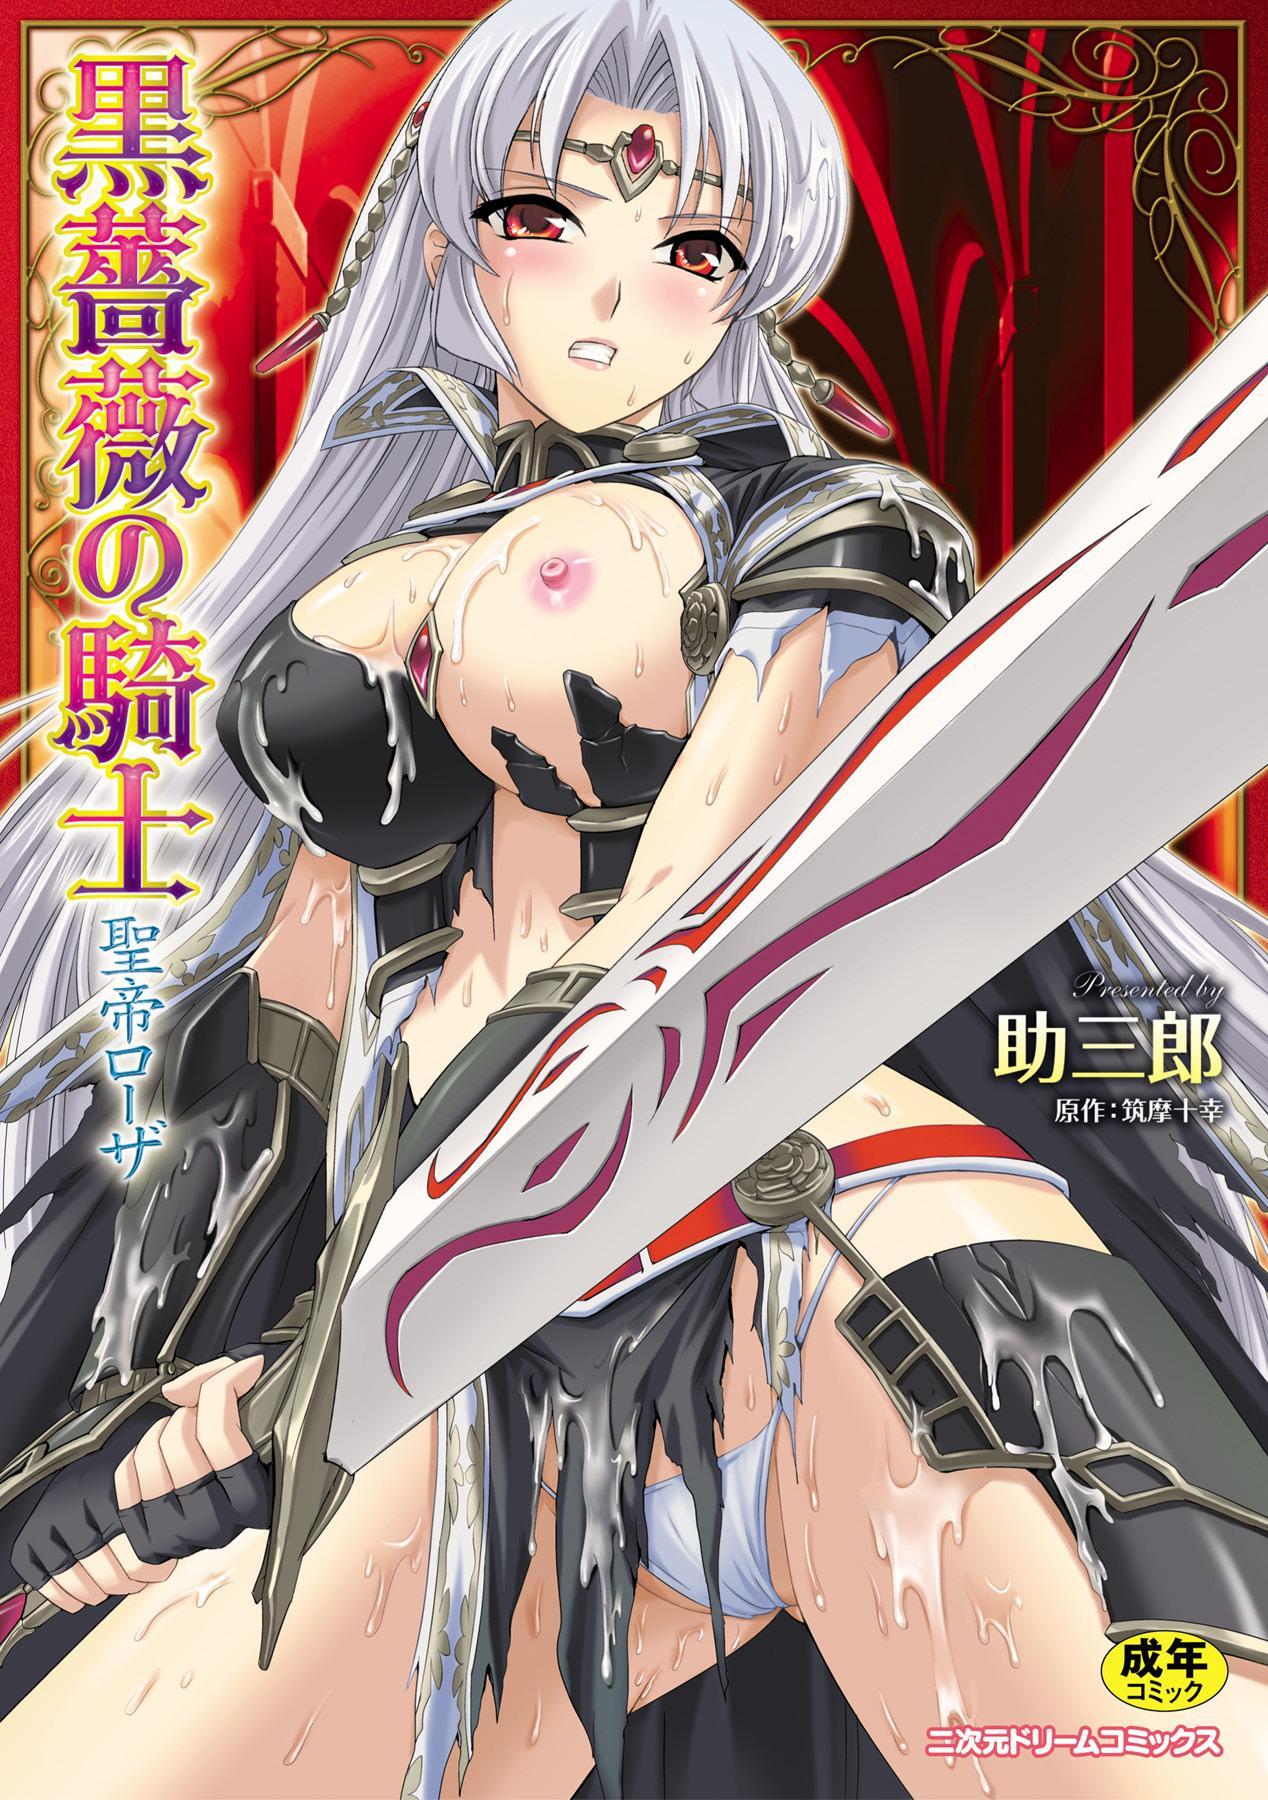 [Sukesaburou × Chikuma Juukou] Kurobara no Kishi ~Seitei Rosa~   Black Rose Knight - Holy Empress Rosa [English] 0